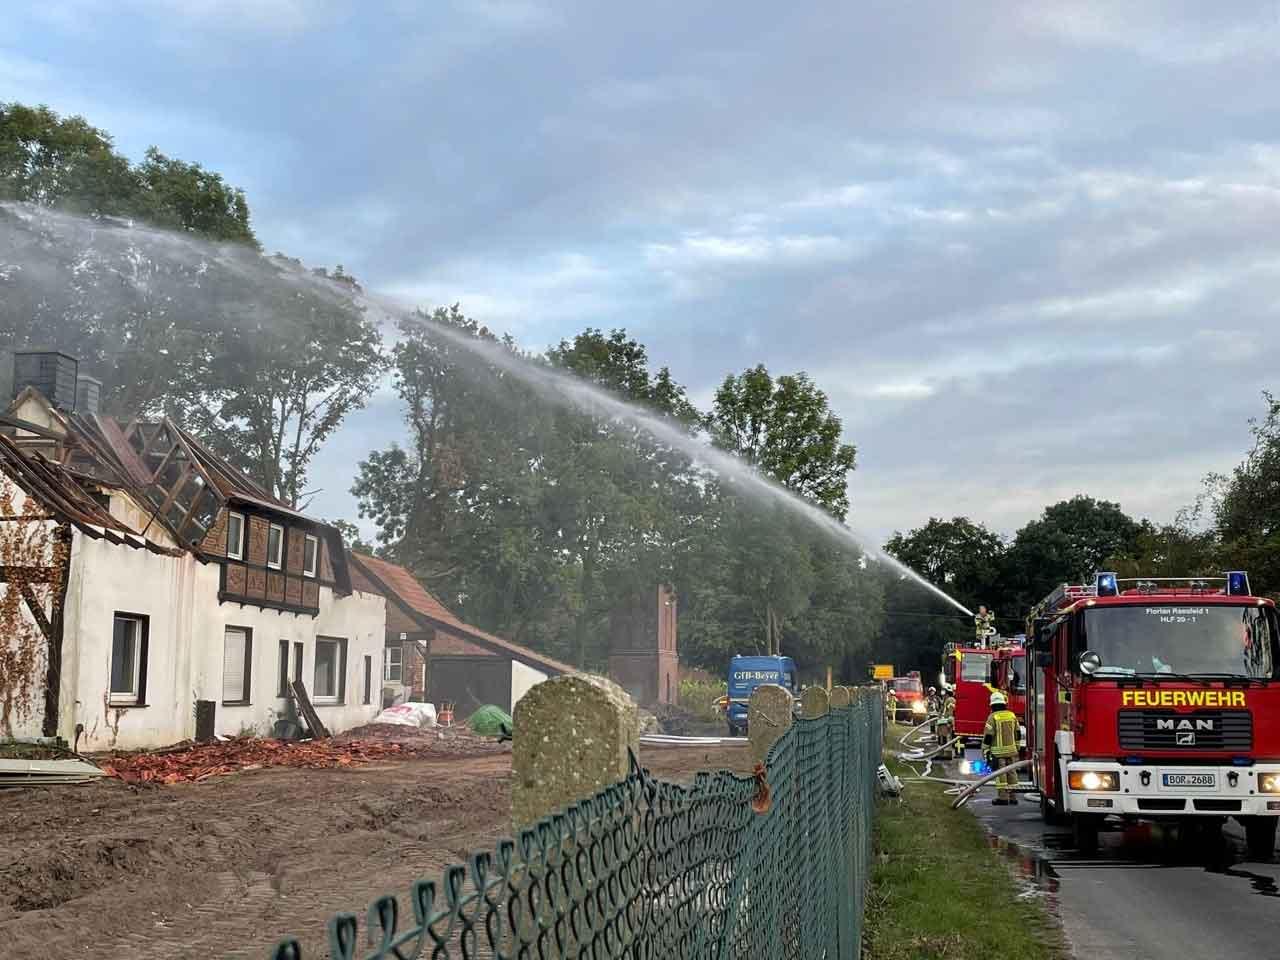 Feuerwehr-Raesfeld-uebung